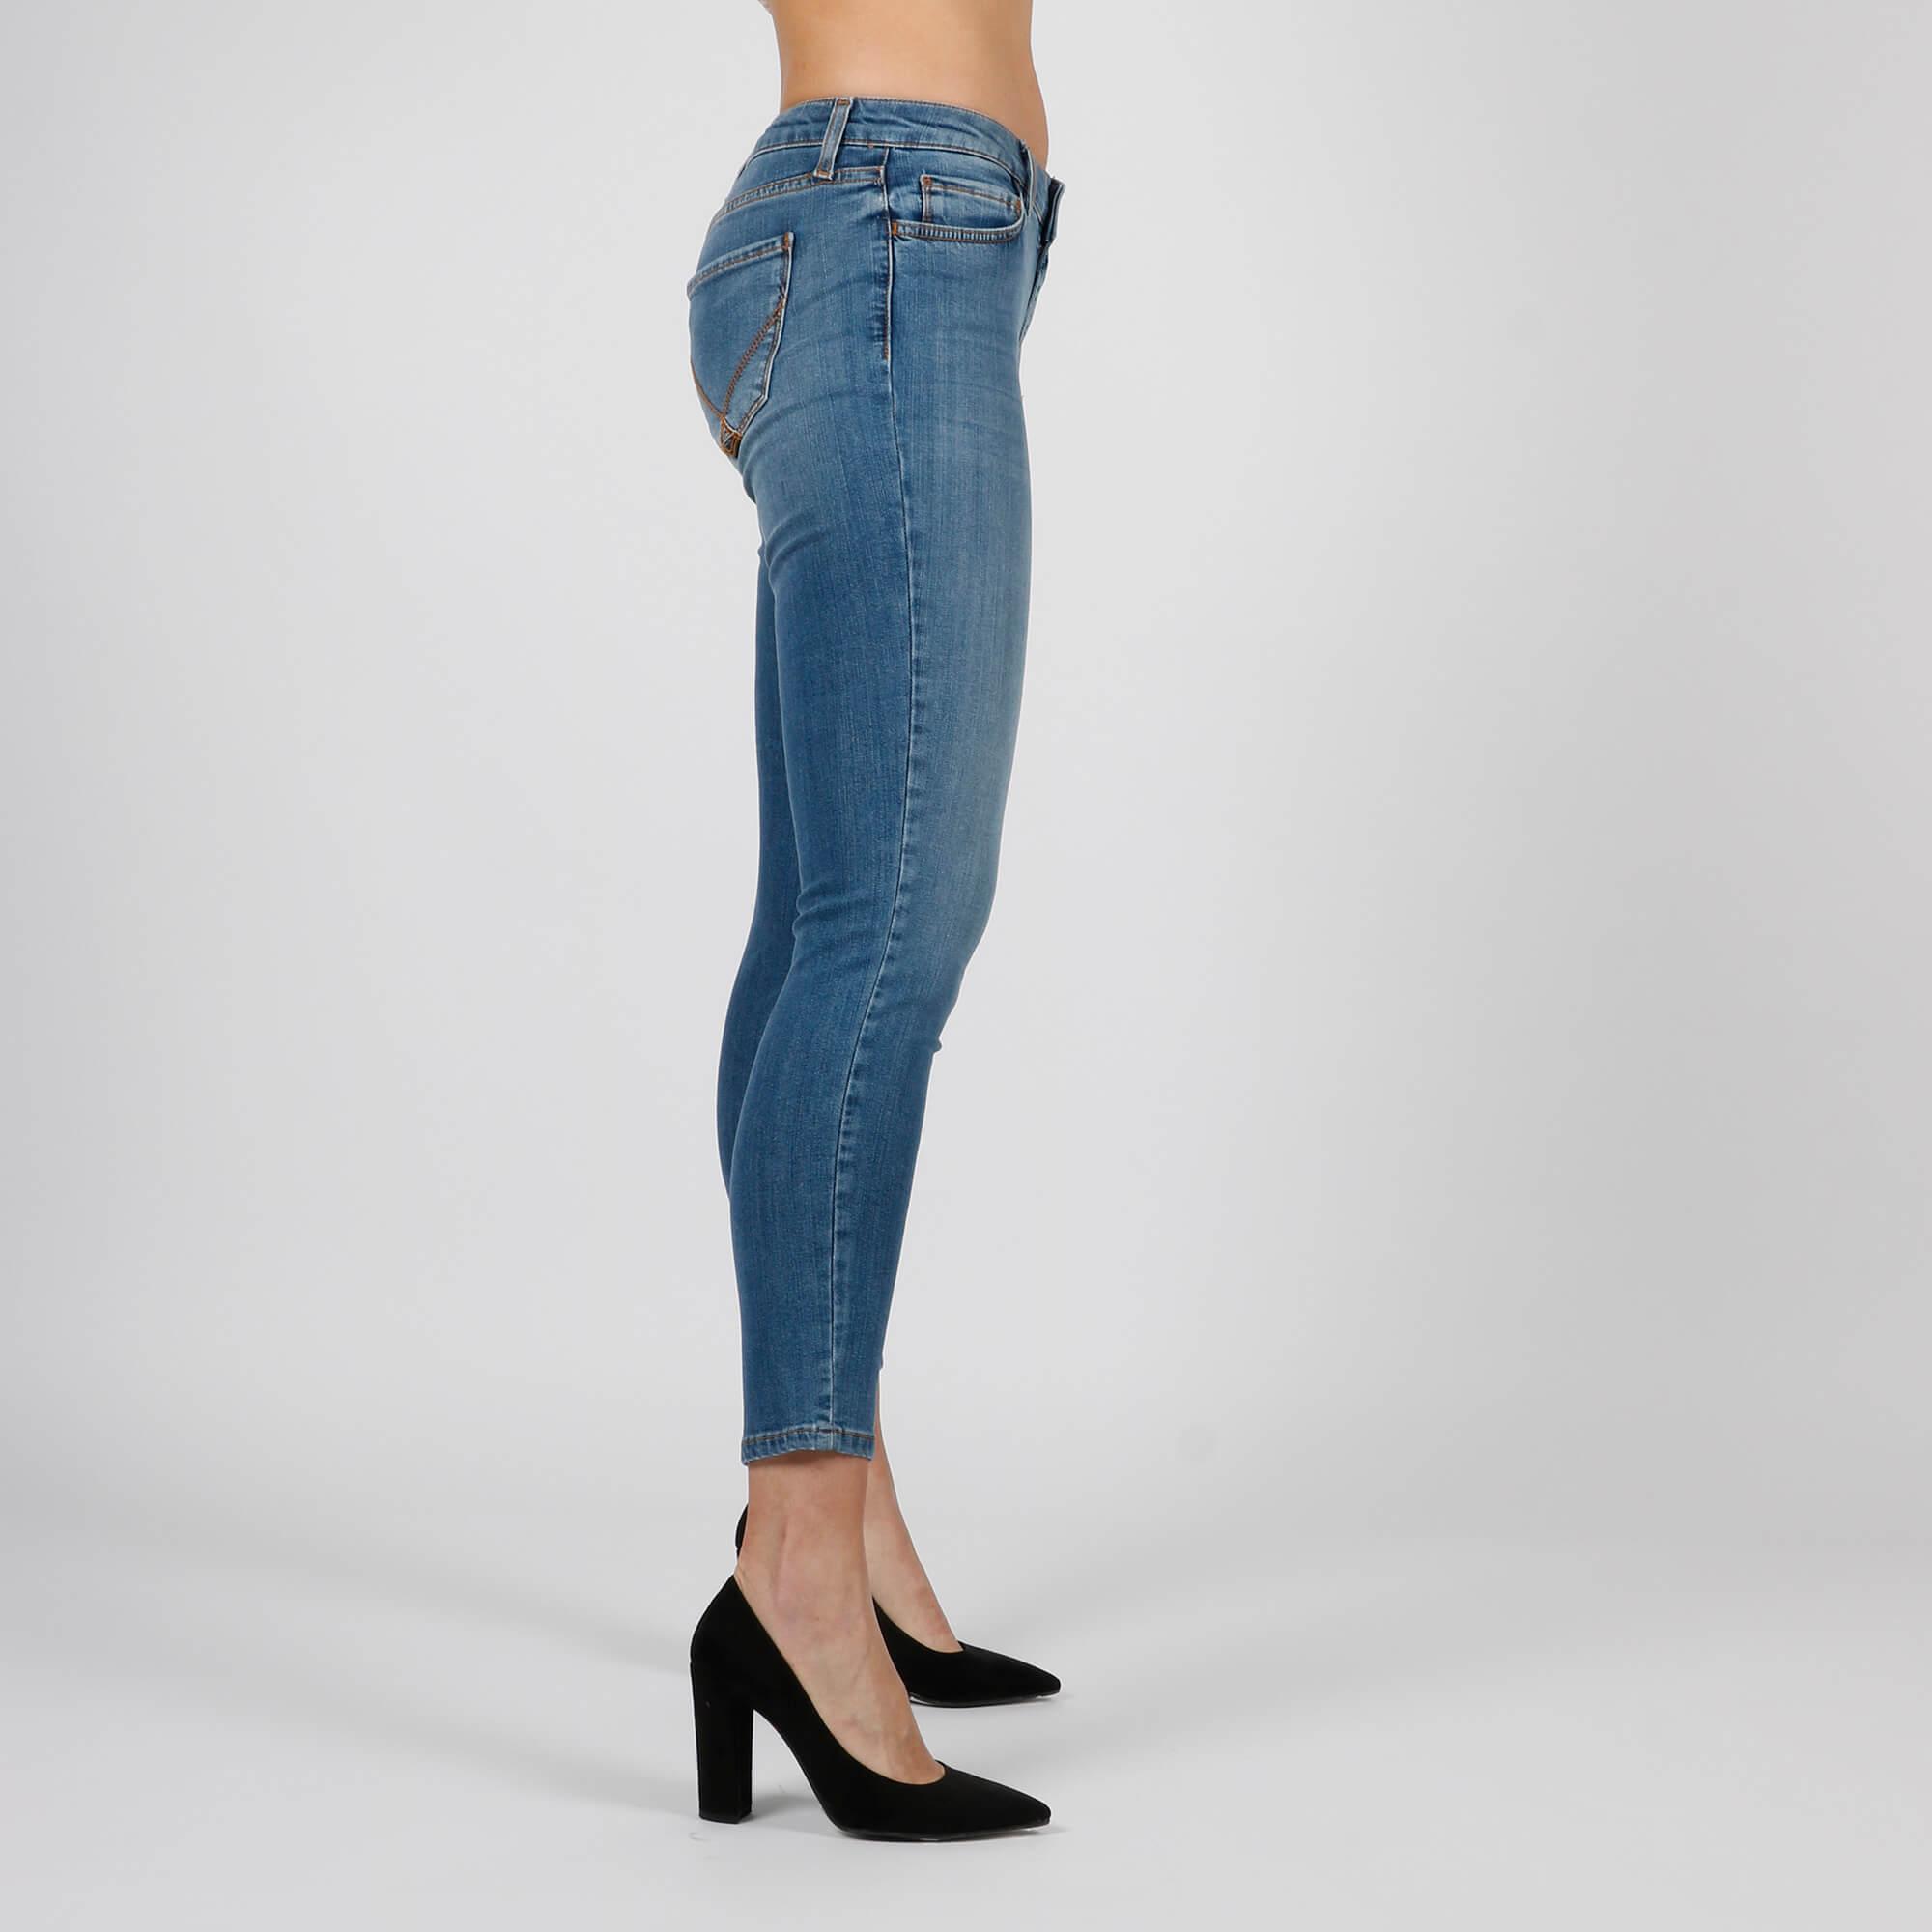 Jeans cate cut - Denim